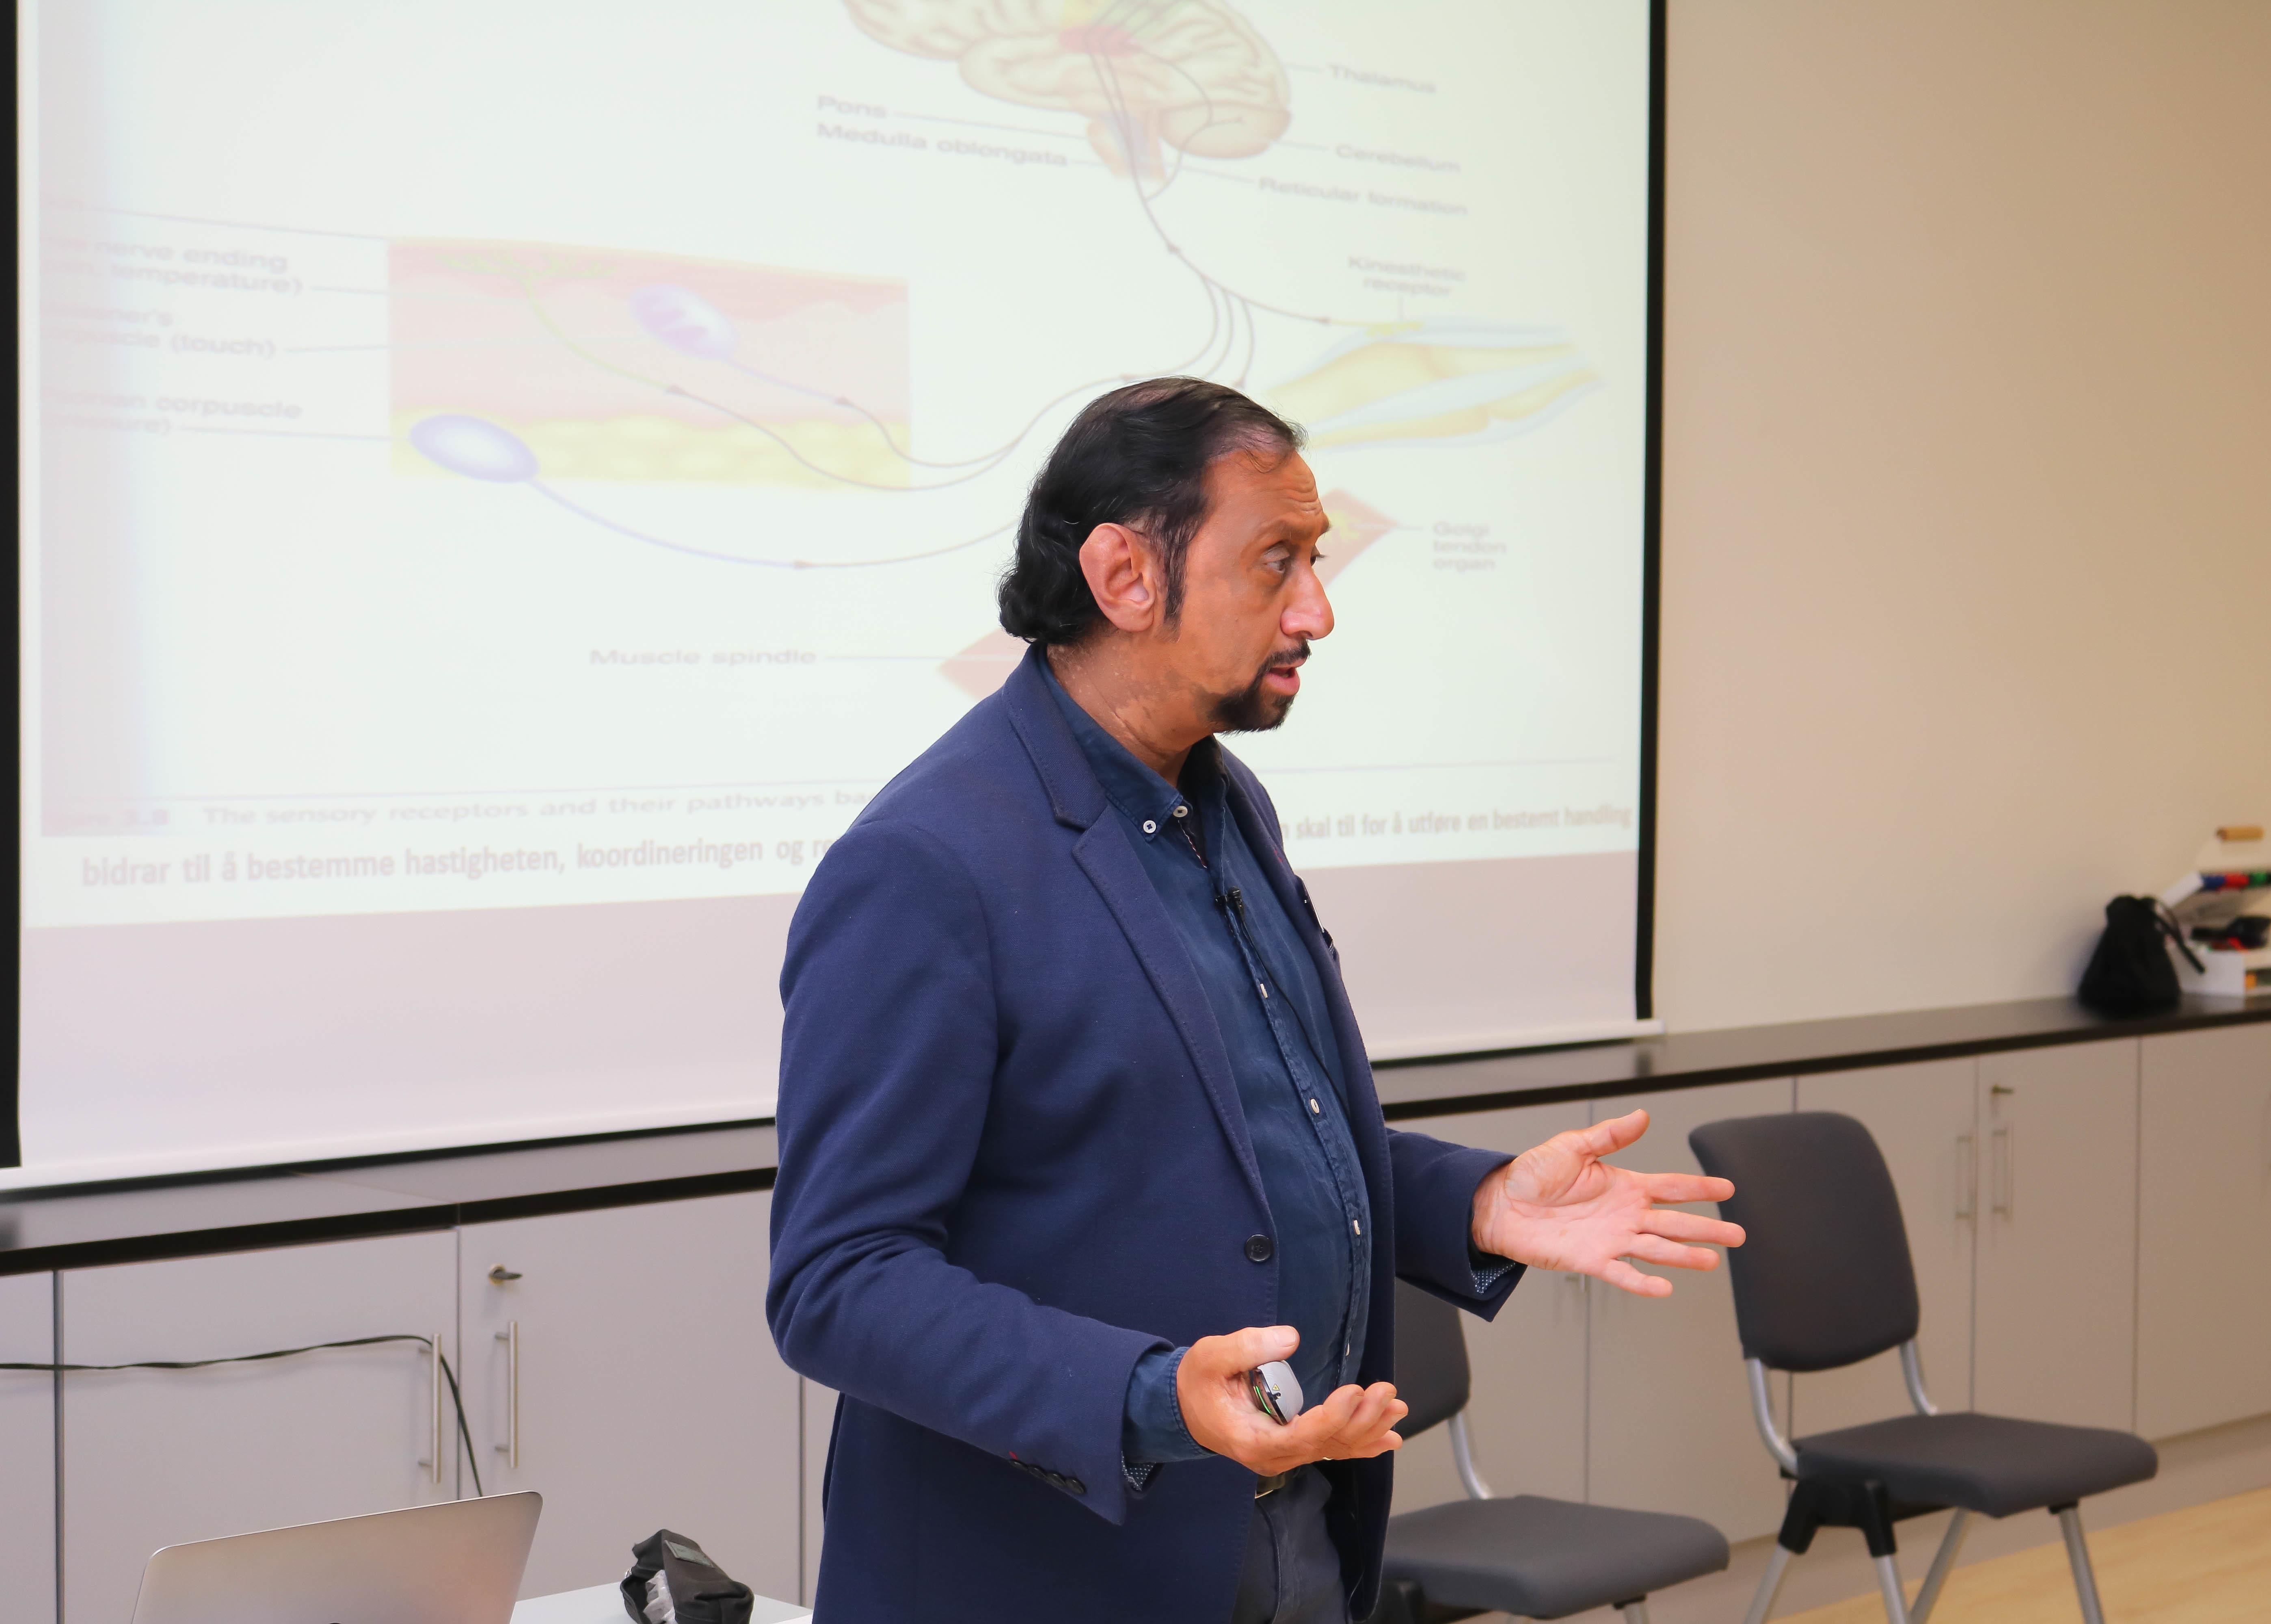 En mann holder hendene sine fram mens han holder et foredrag, i bakgrunnen sees en slide med tegninger av hjernen.